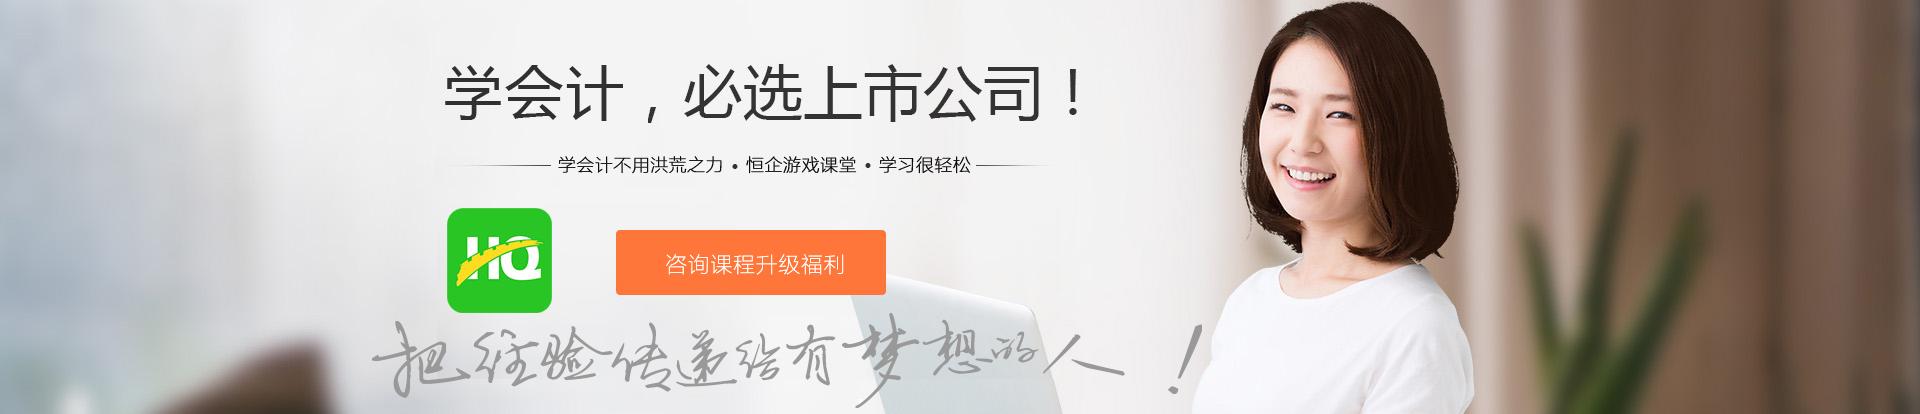 瓮安恒企会计betway体育app学校 横幅广告